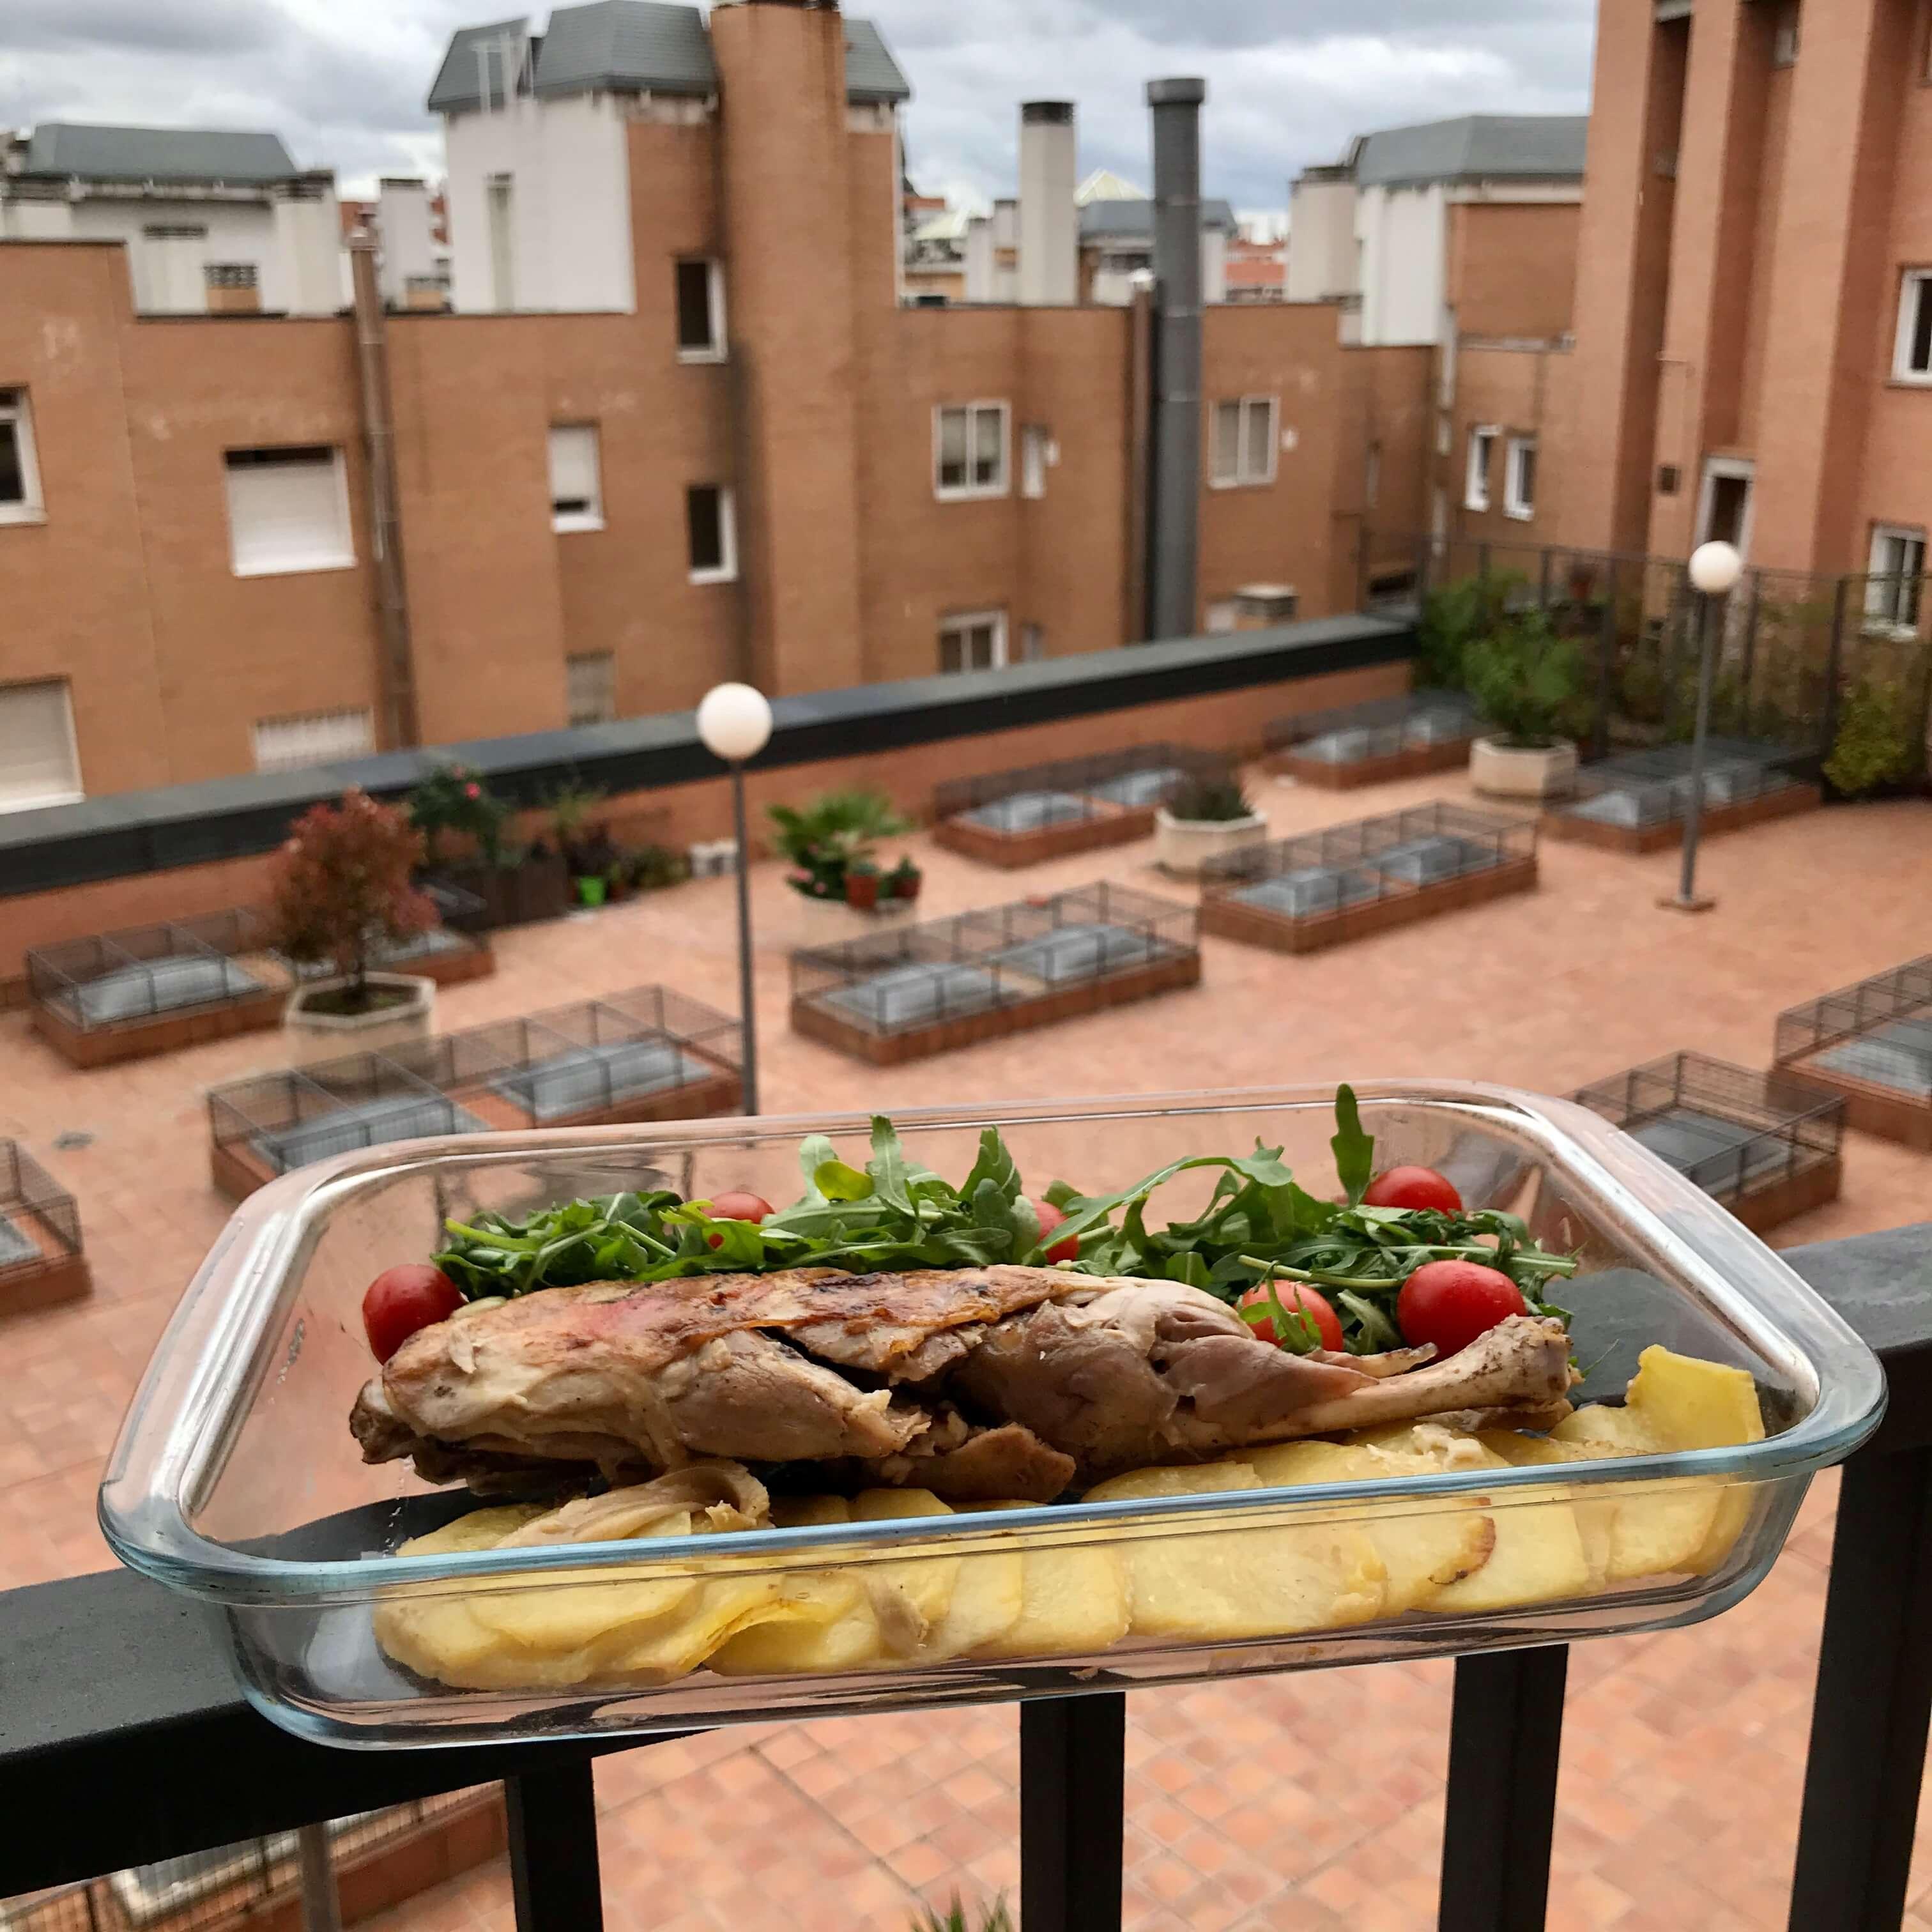 Comida a domicilio de Calamillor Madrid